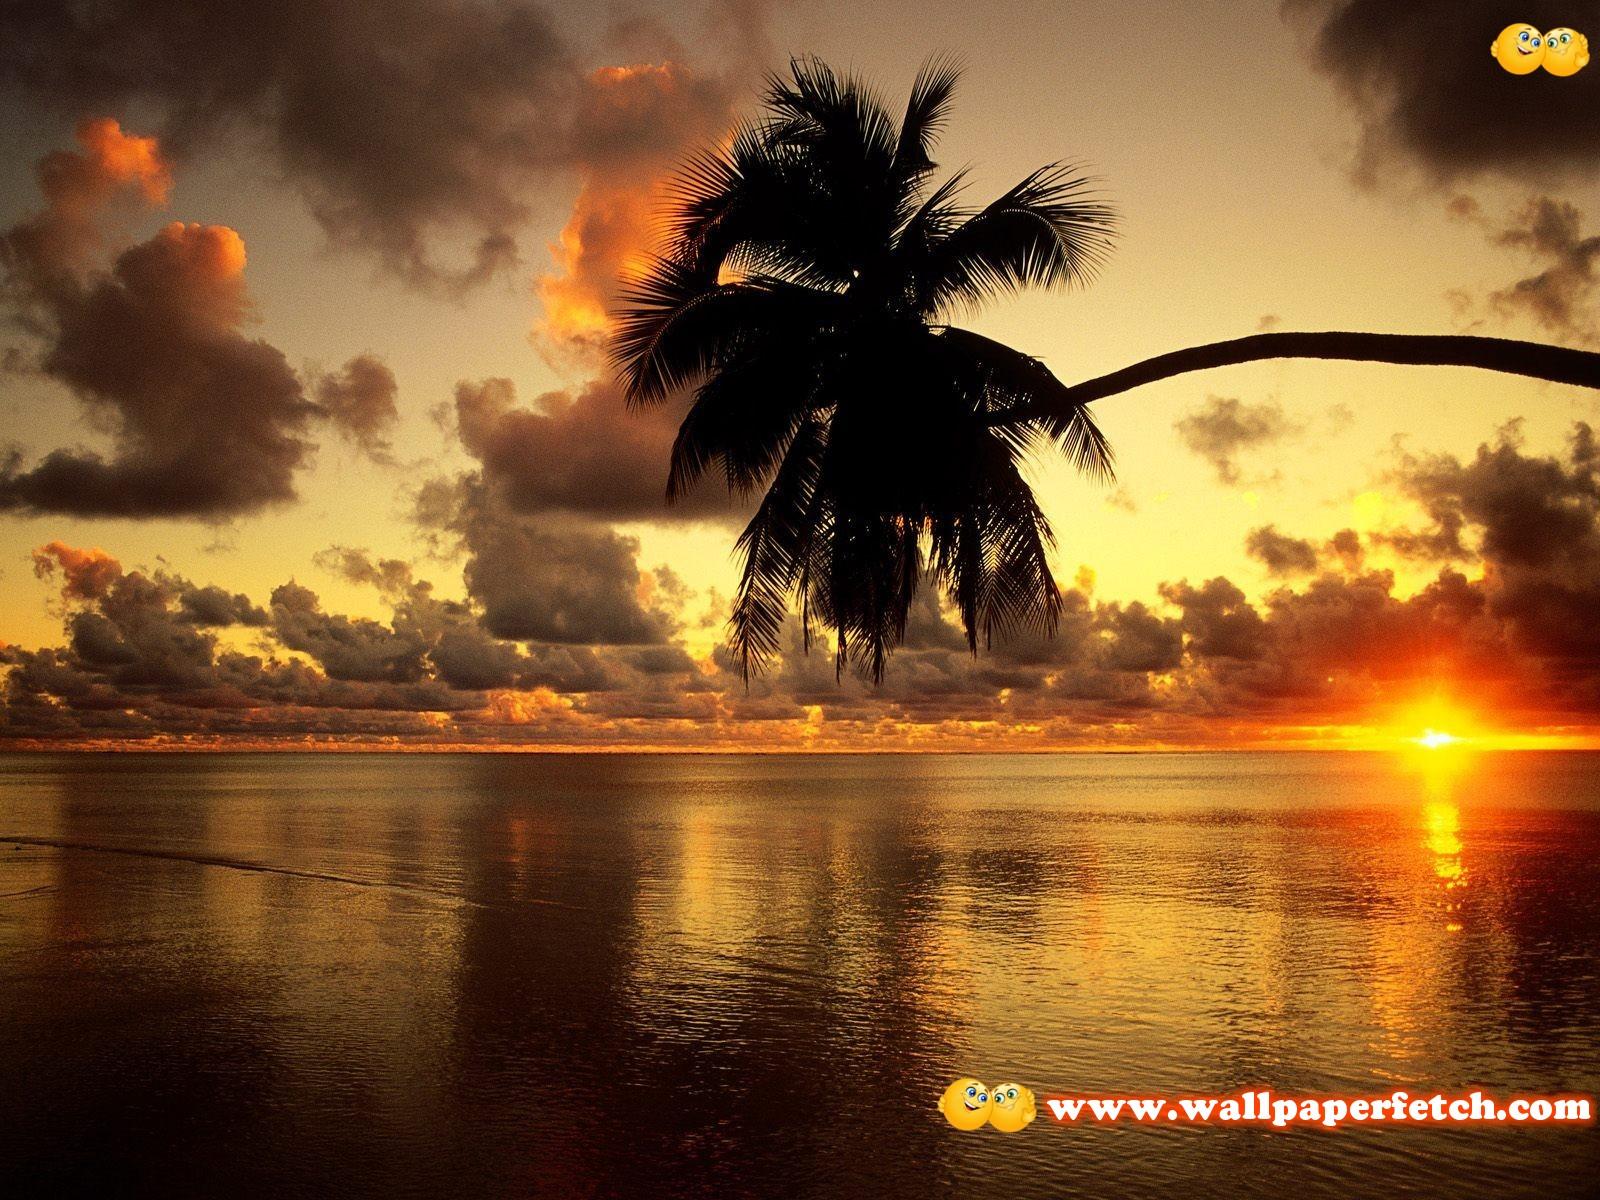 http://1.bp.blogspot.com/-BkayZO1JTEQ/TuNkXz5wGfI/AAAAAAAAJJQ/oyvrbua0mlg/s1600/38.jpg